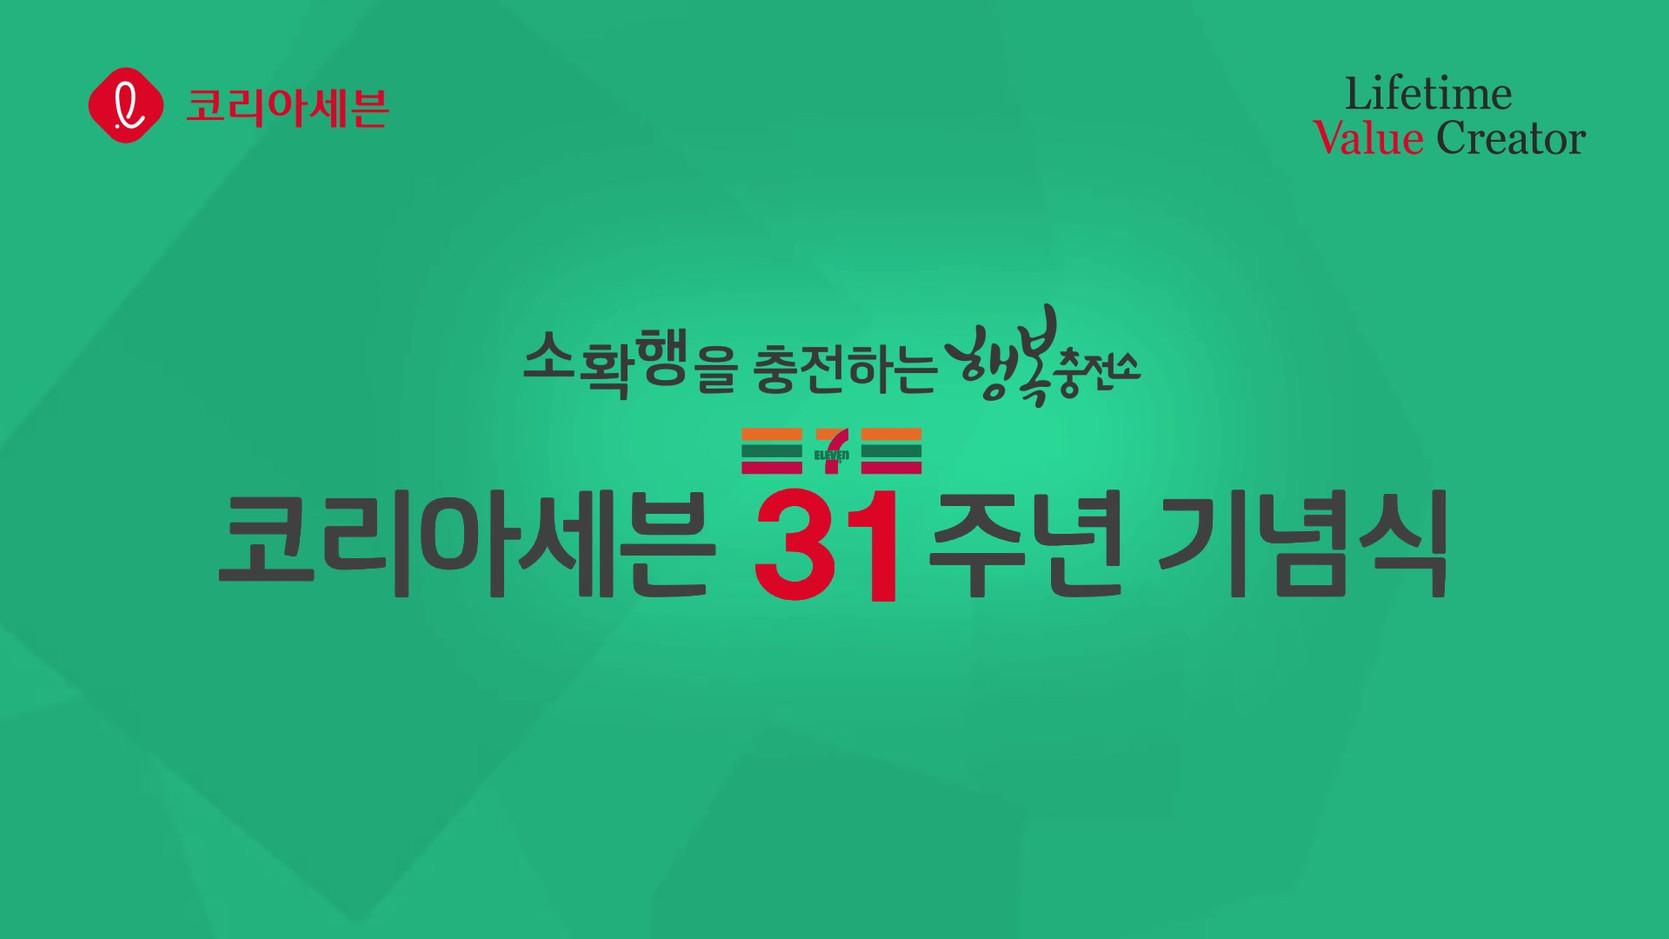 코리아세븐 31주년 루핑 타이틀